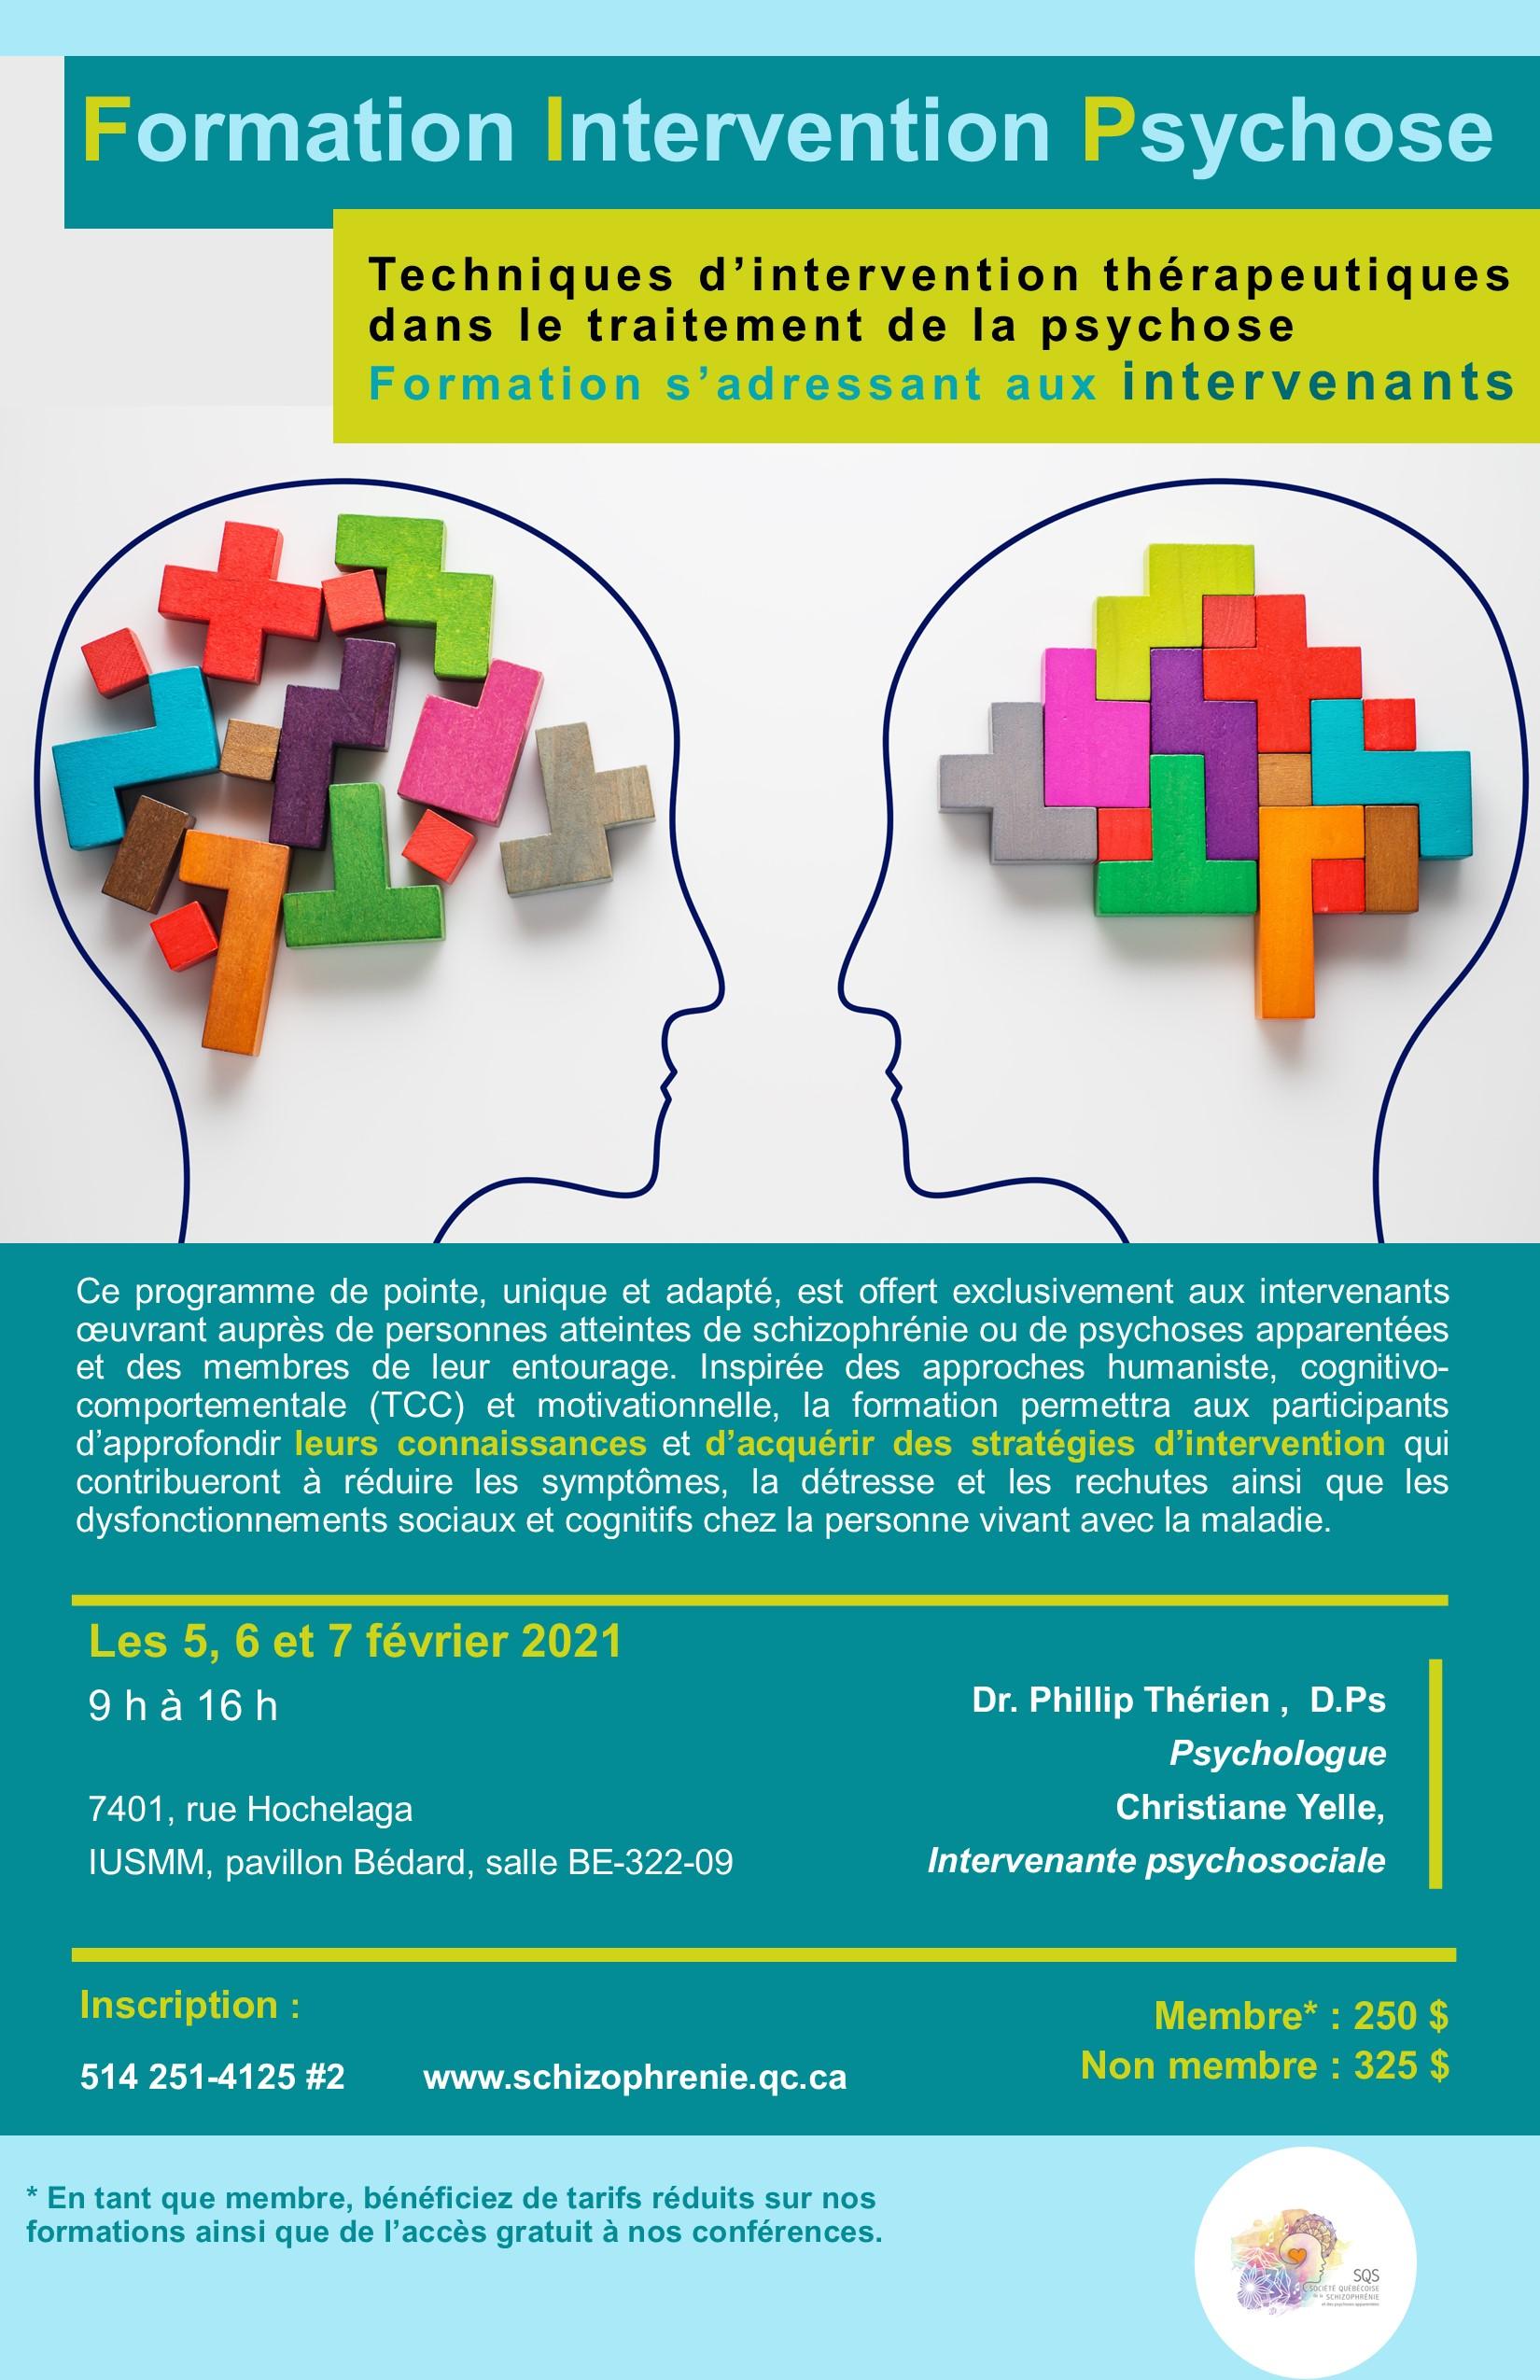 [COMPLET!] – Formation Intervention Psychose  - Techniques d'intervention thérapeutiques dans le traitement de la psychose